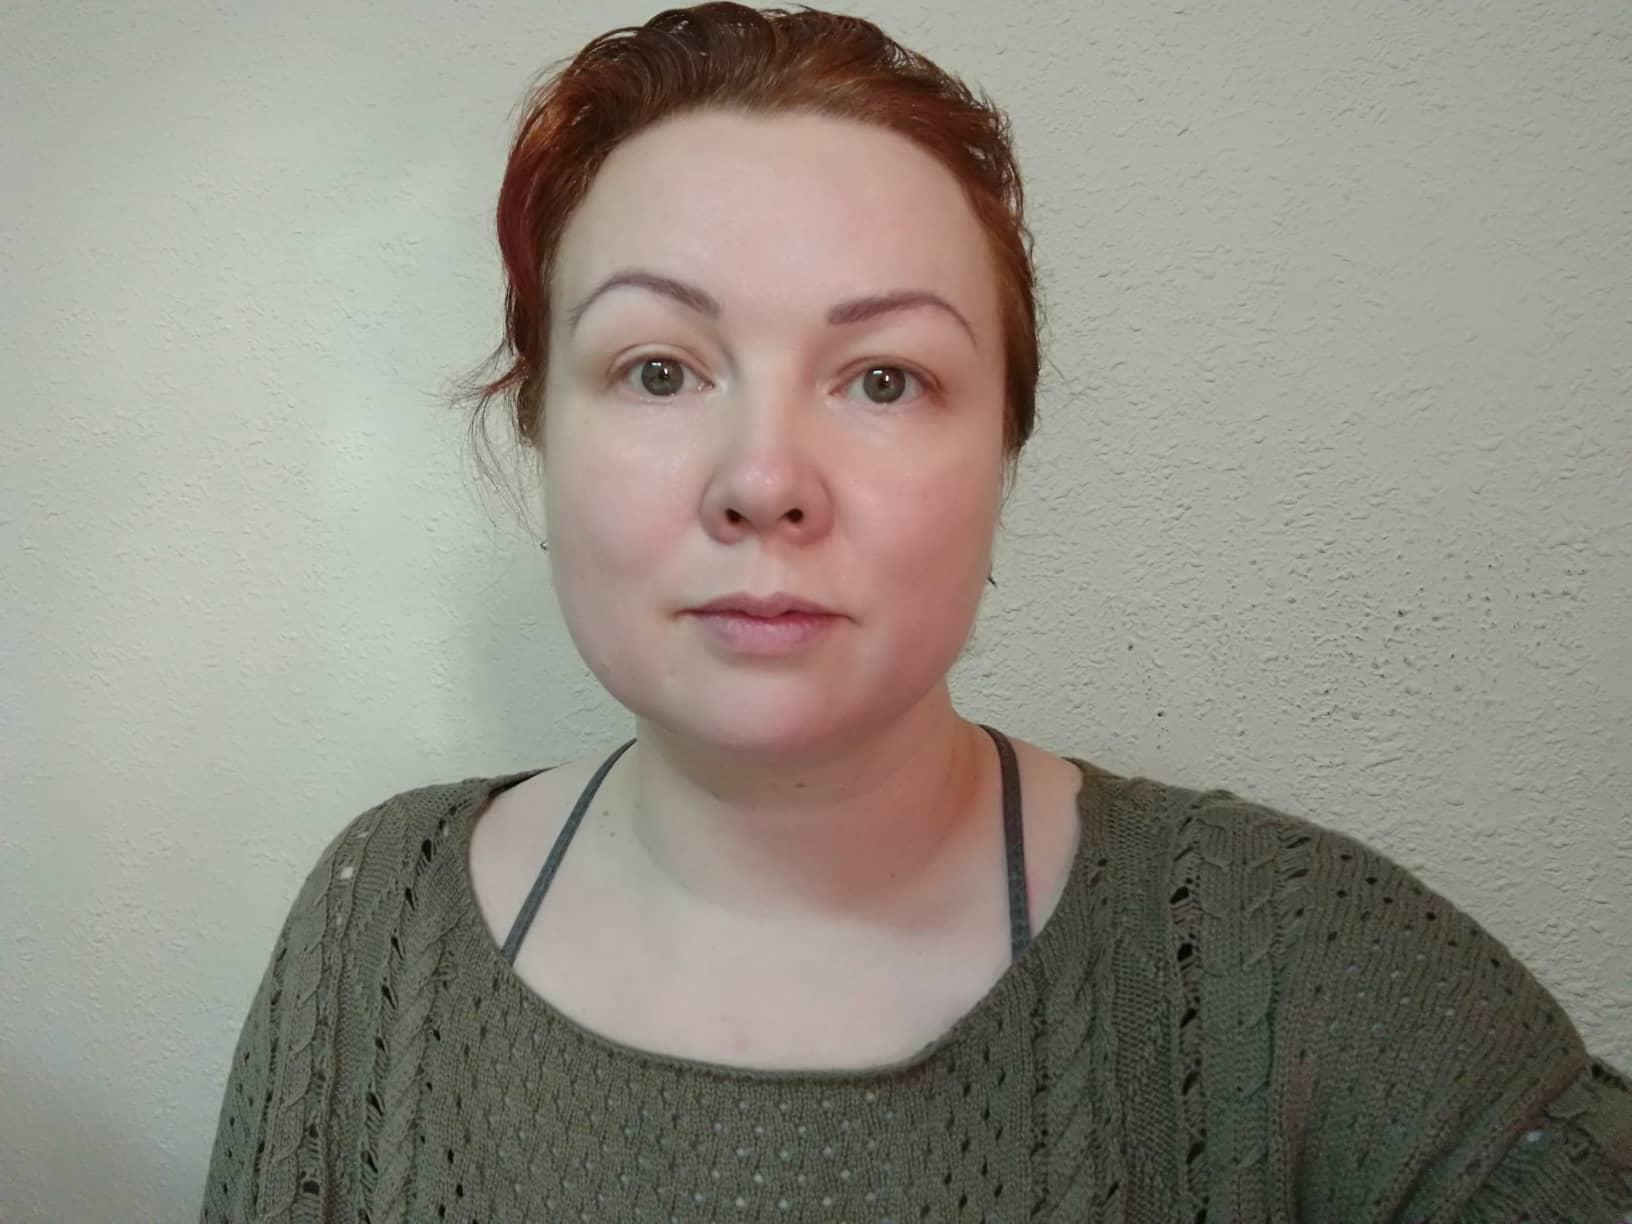 Психолог Светлана Мохова о том, есть ли выбор у жертв домашнего насилия